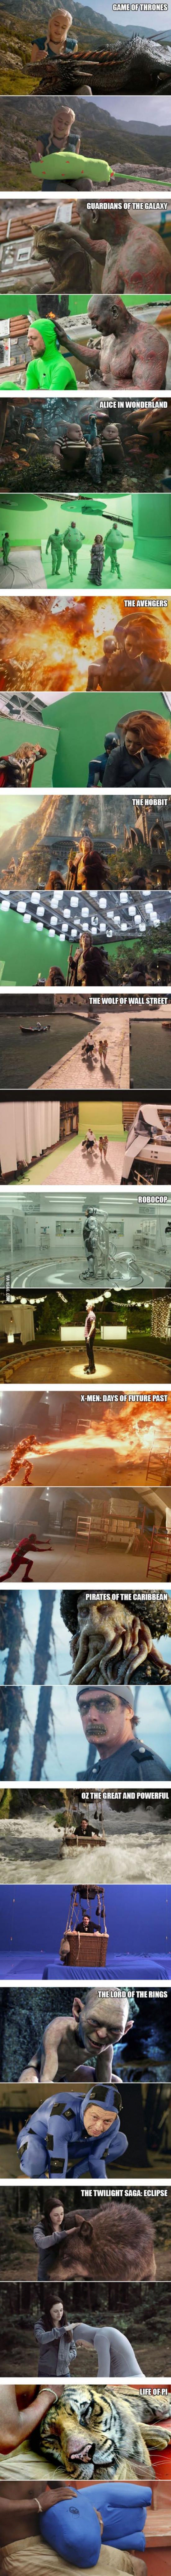 Meme_otros - Escenas de películas antes y después de los efectos especiales